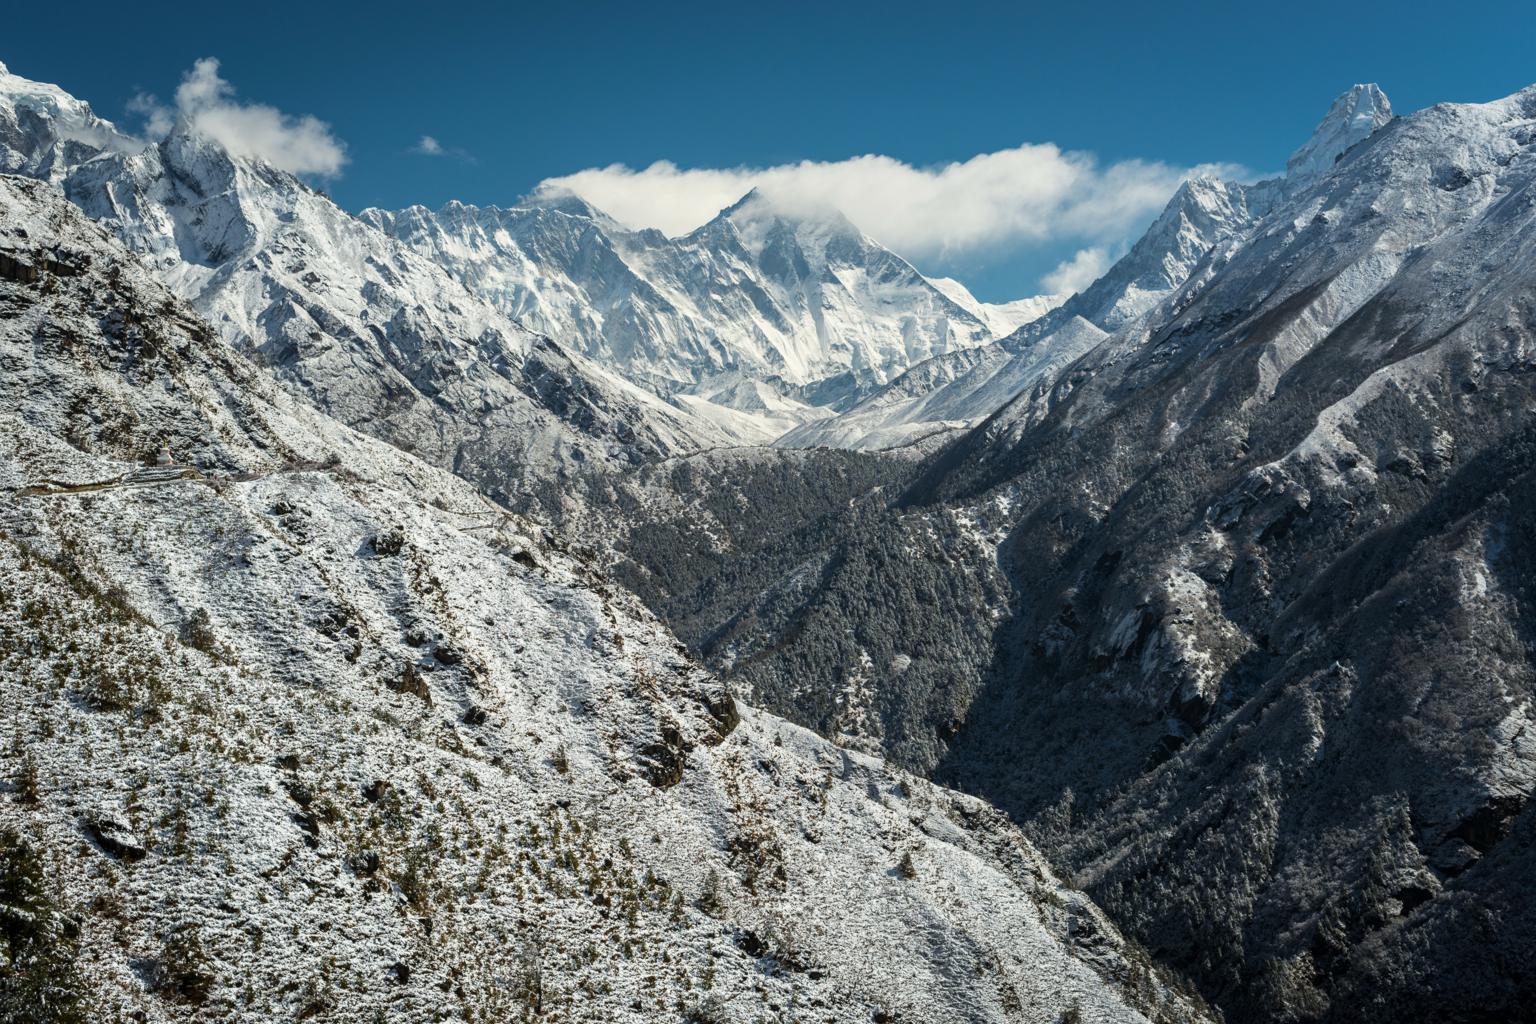 Everest region ama dablam